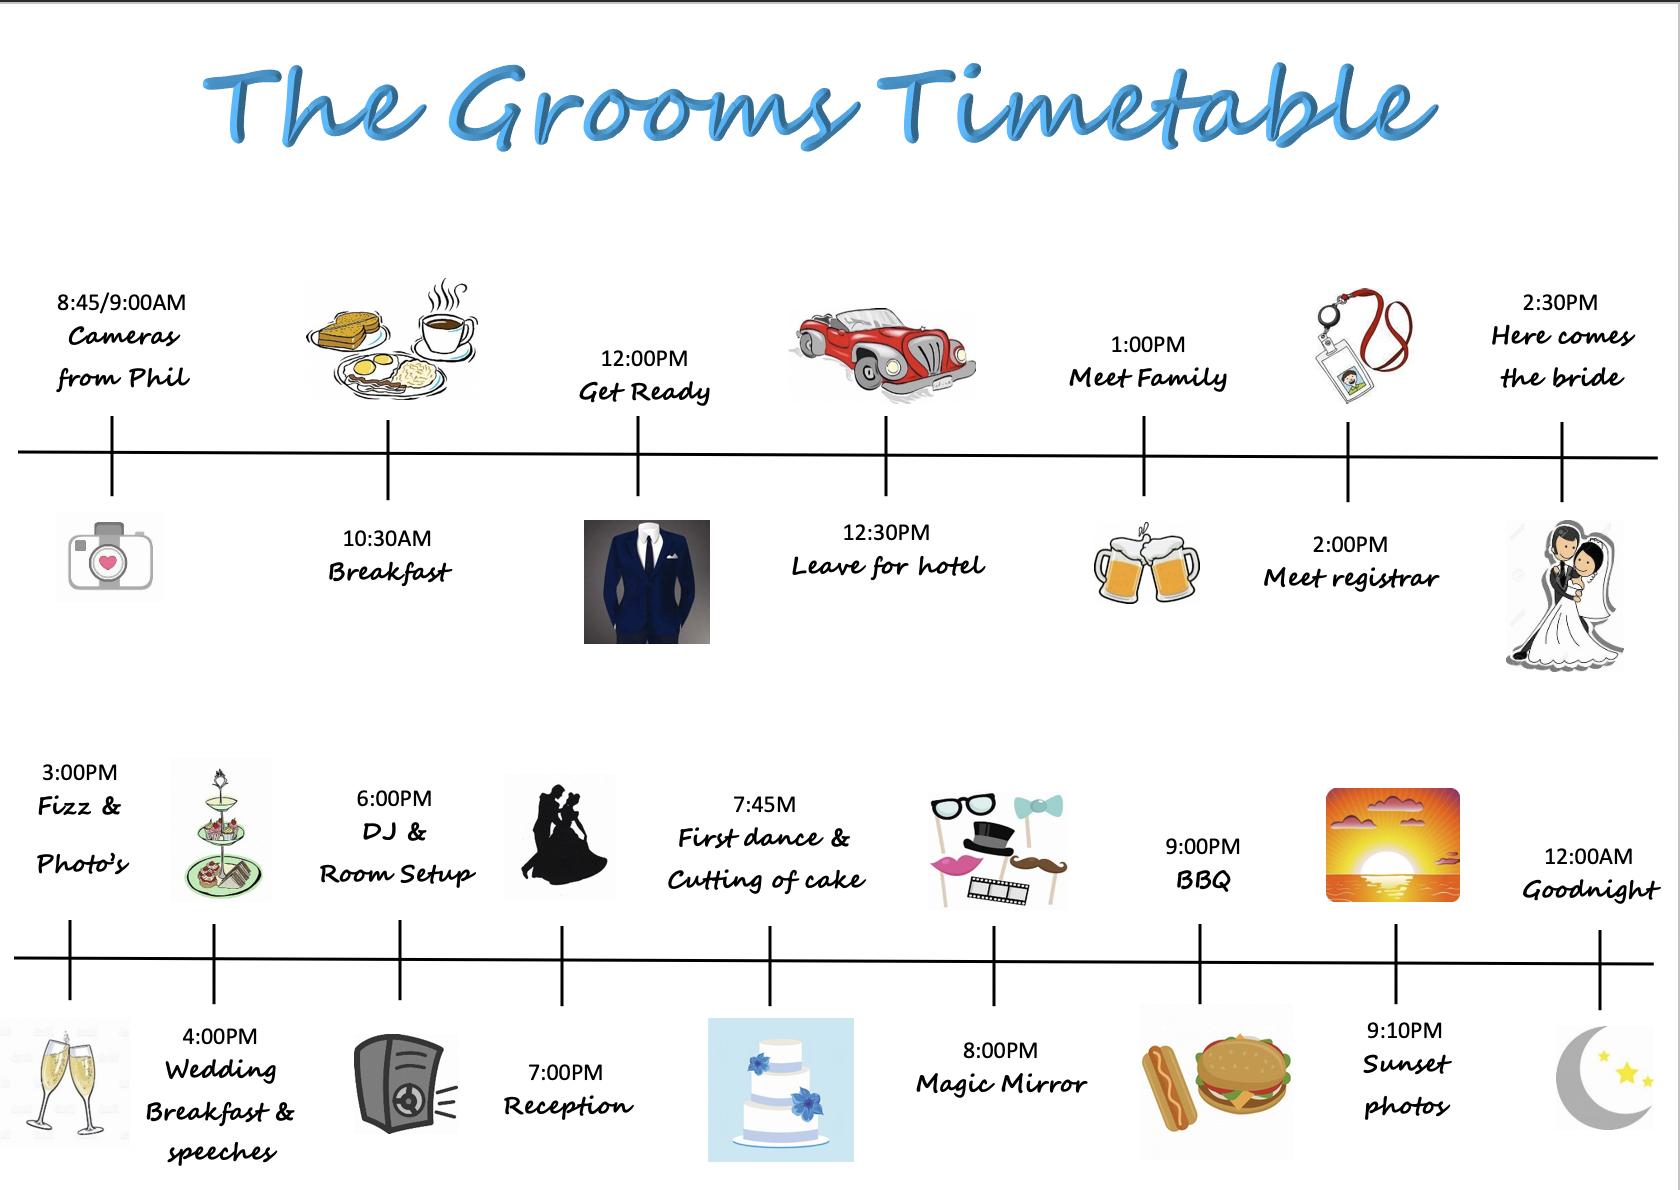 YFFUK Phil Endicott Useful things  beths grooms timeline